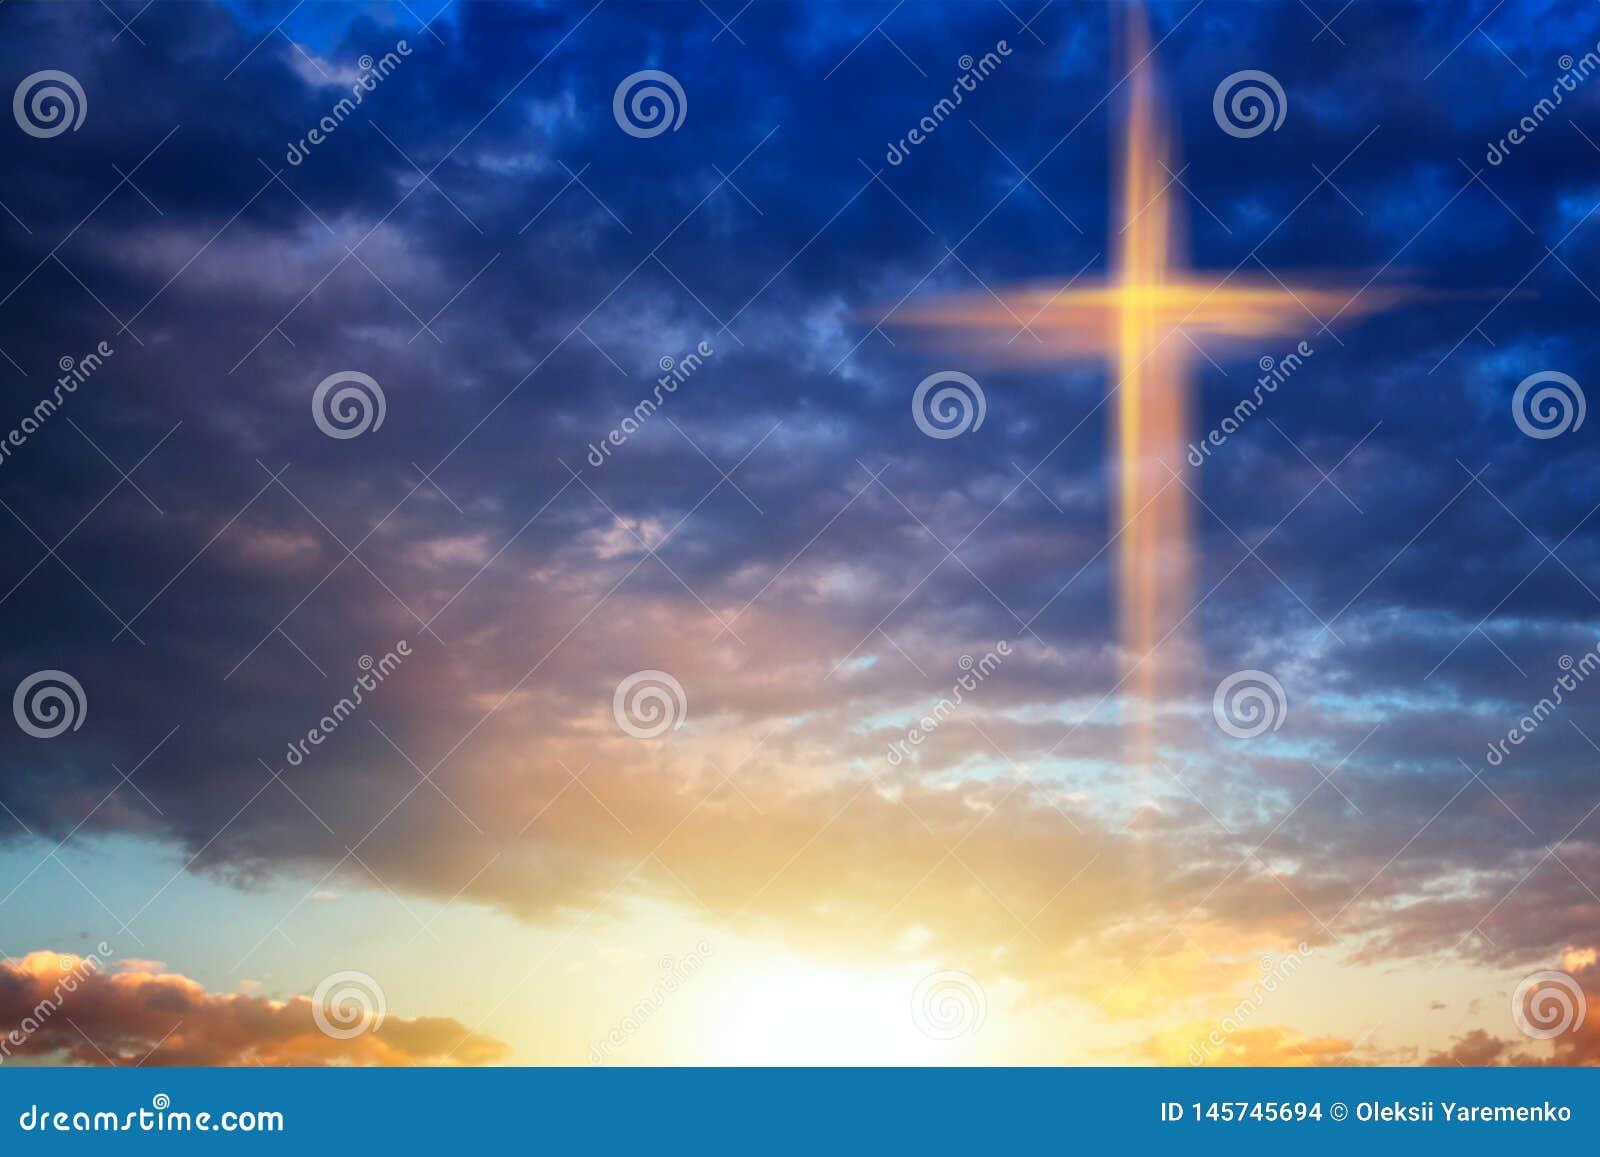 Religion symbol shape .  Dramatic nature background